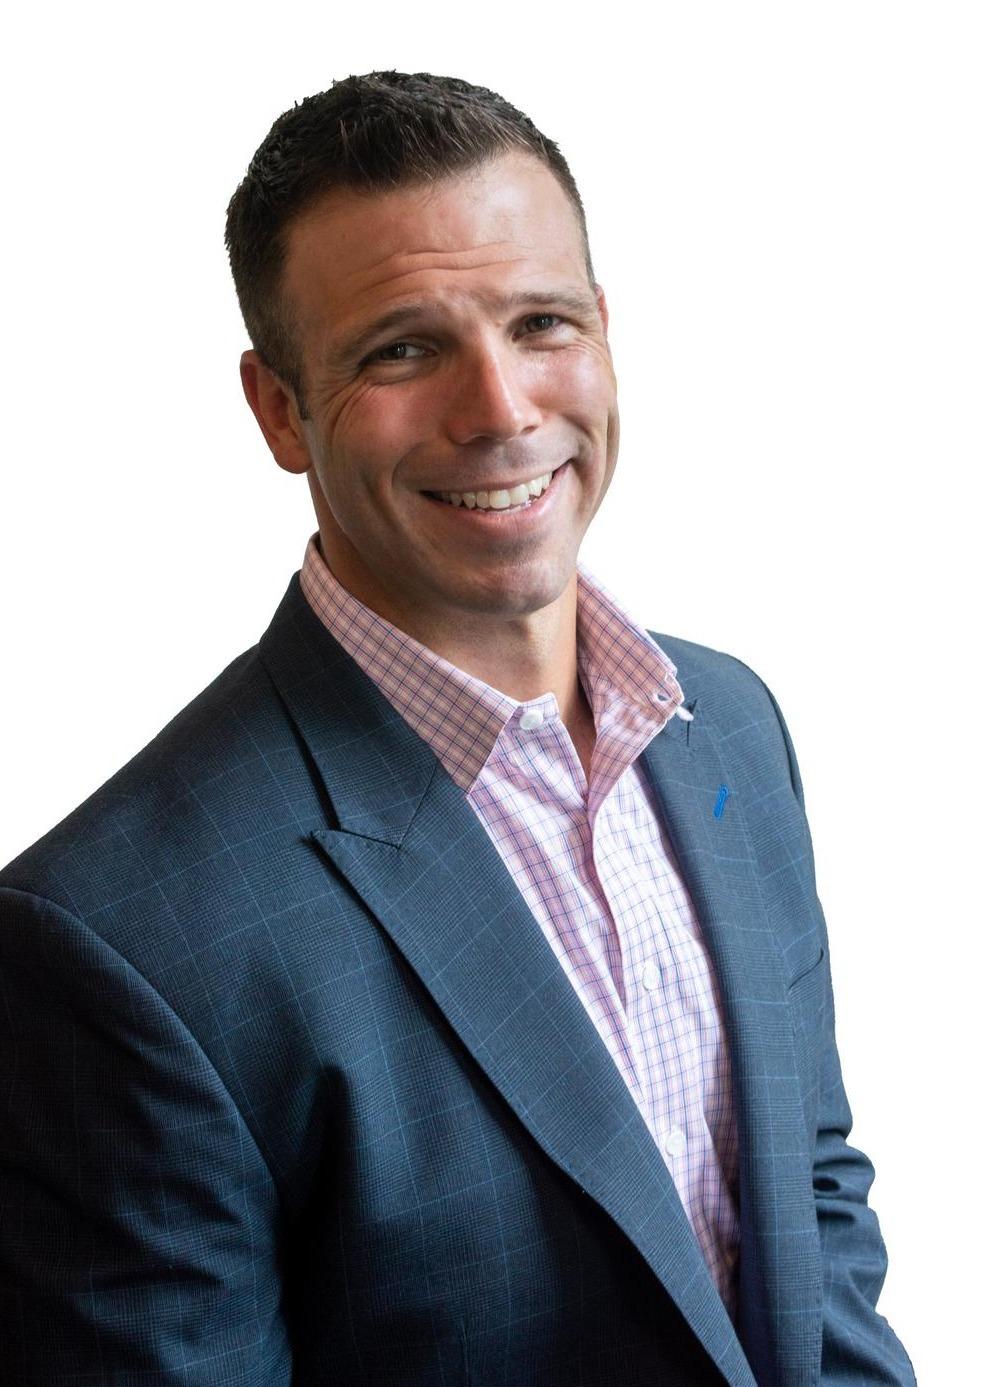 S. Brent Balloch, CFP®, ChFC® Photo